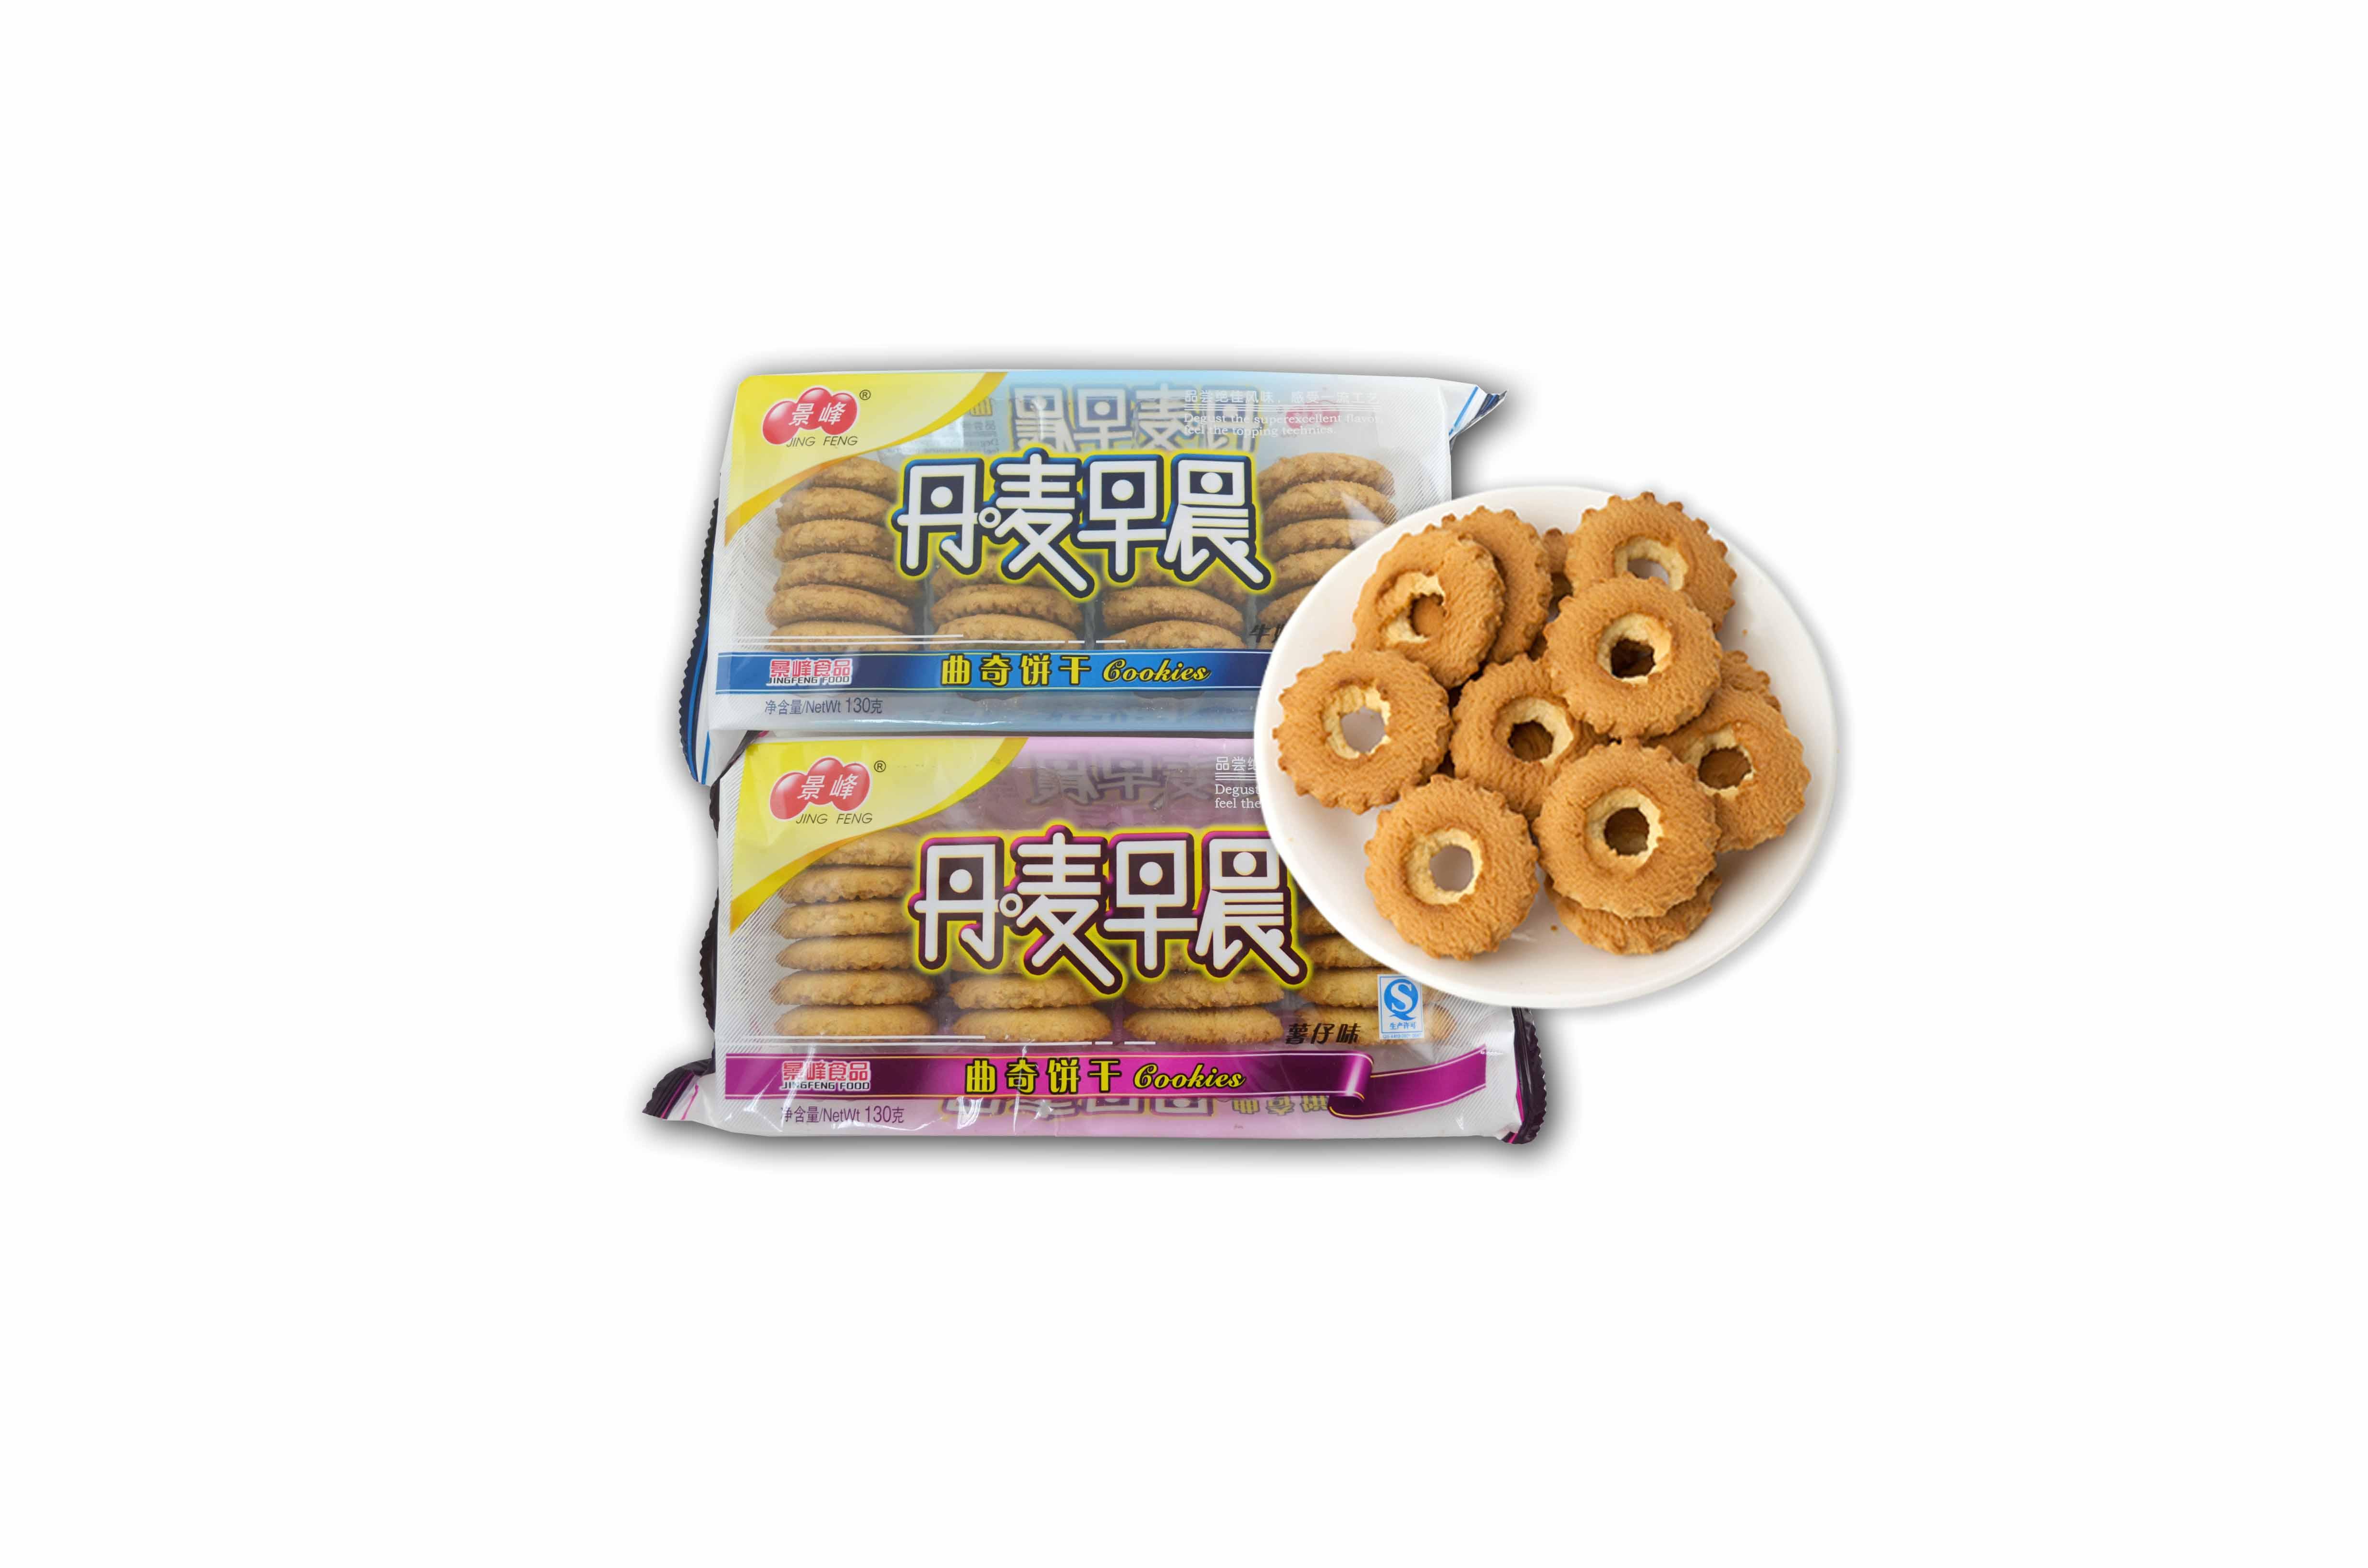 丹麦早餐曲奇饼干(130g)